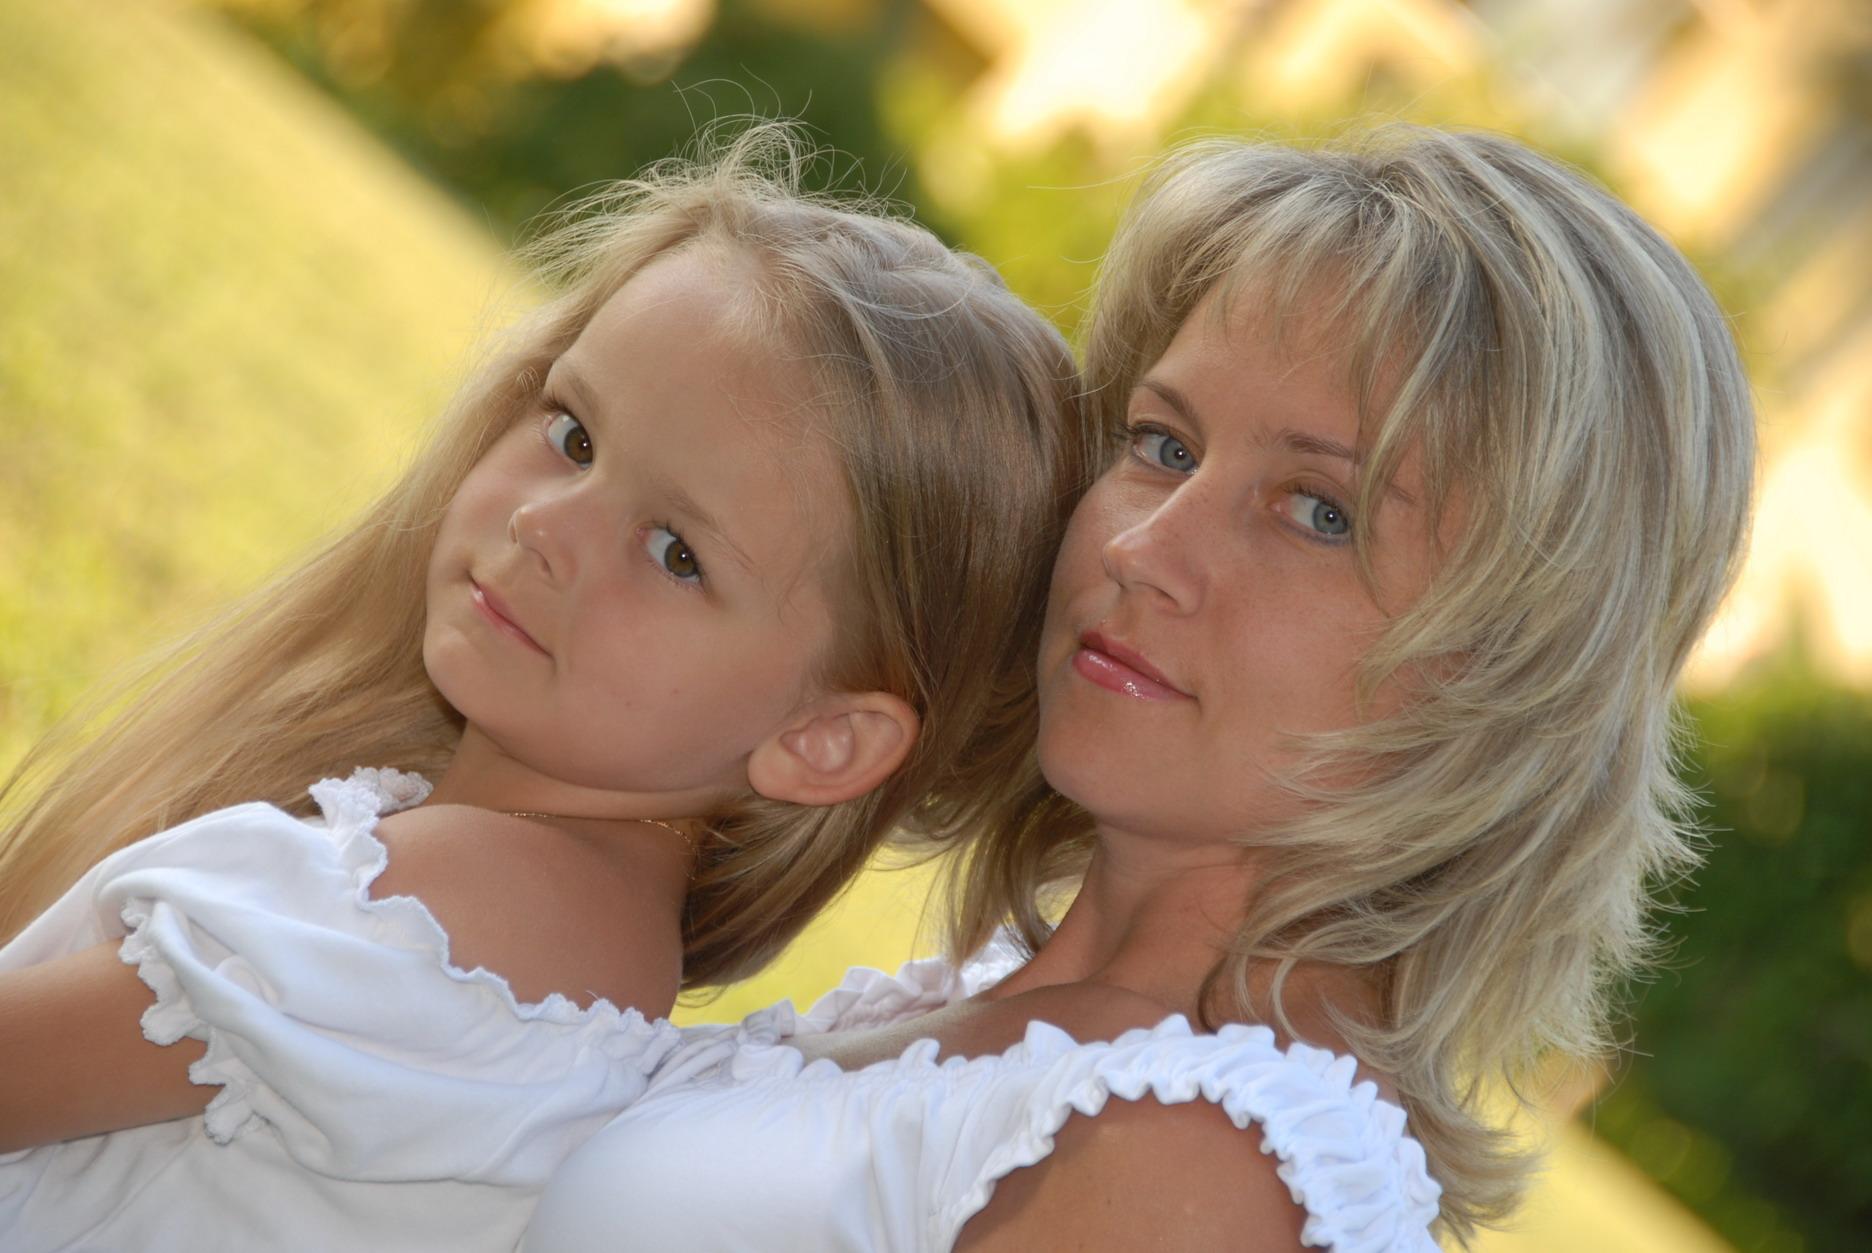 Как сестренки - мама и дочь. Закрытое голосование фотоконкурса 'Красотки'